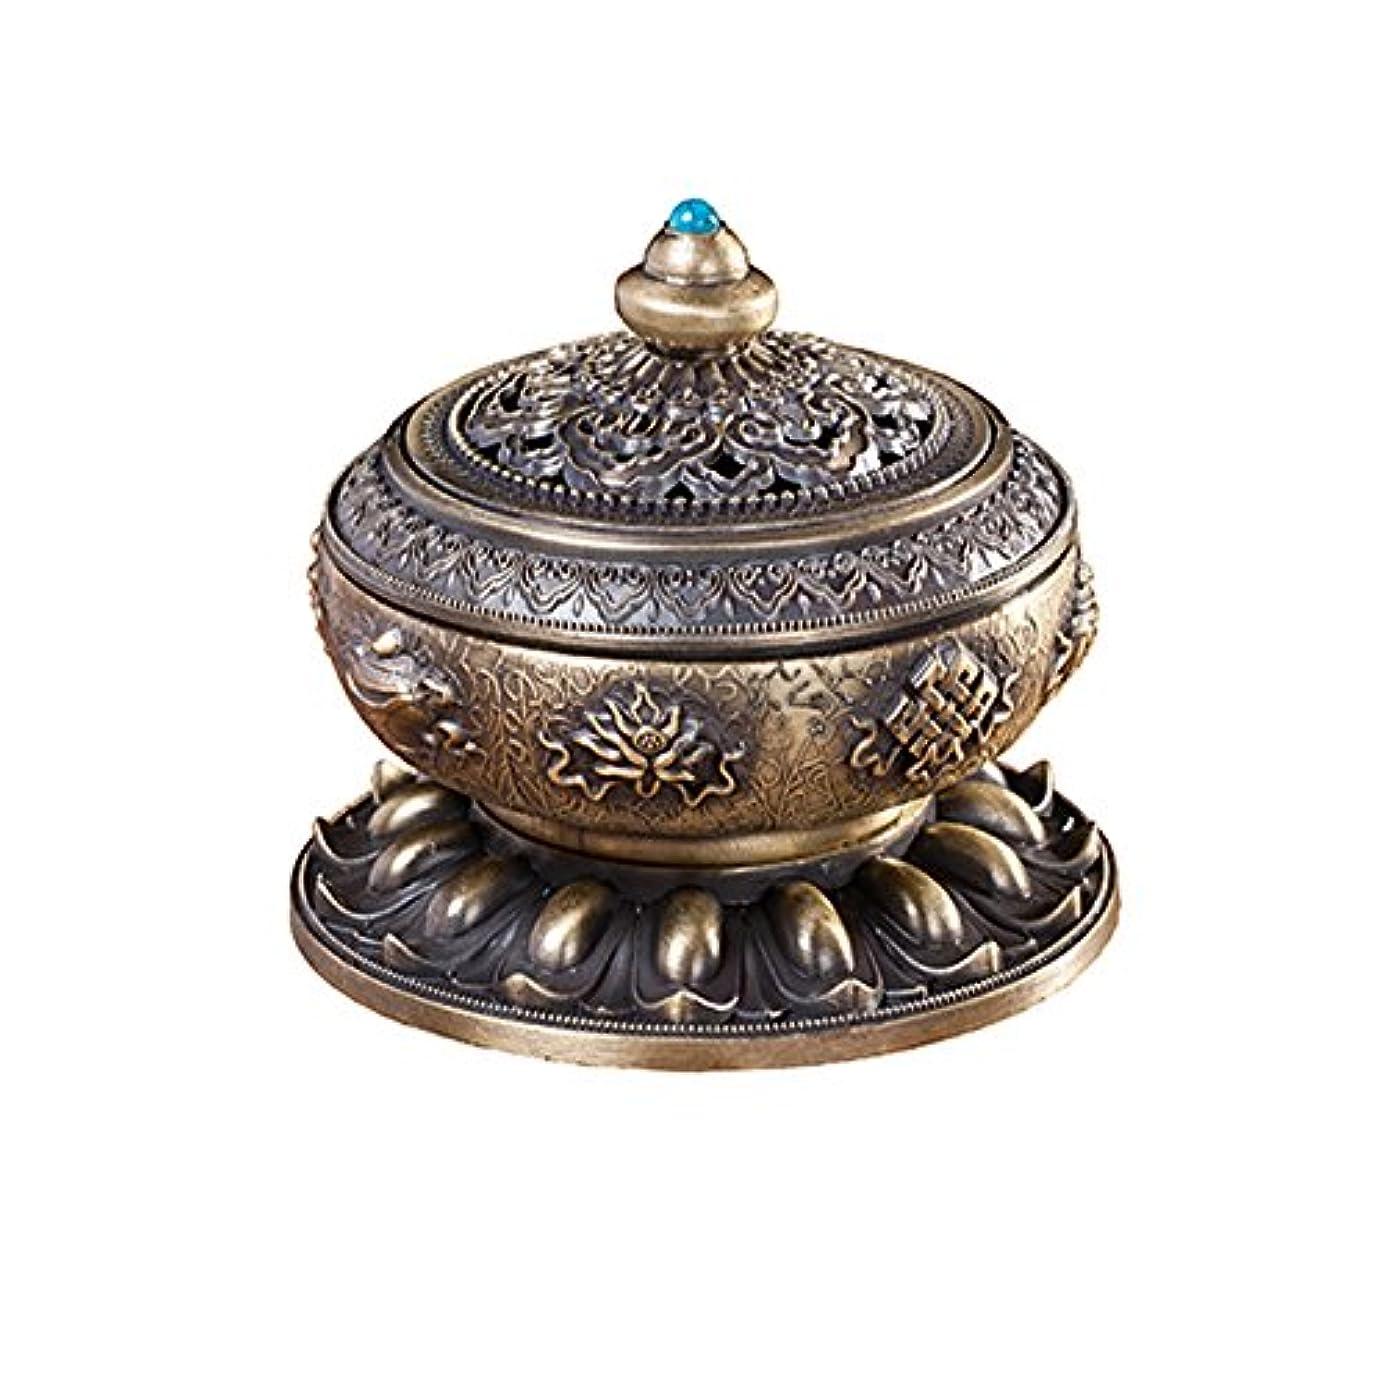 話す講堂シートBUYSEEY 家用 アロマ香炉 青銅 ブロンズ 丸香炉 お香立て 渦巻き線香 などに 香立て付き (S)